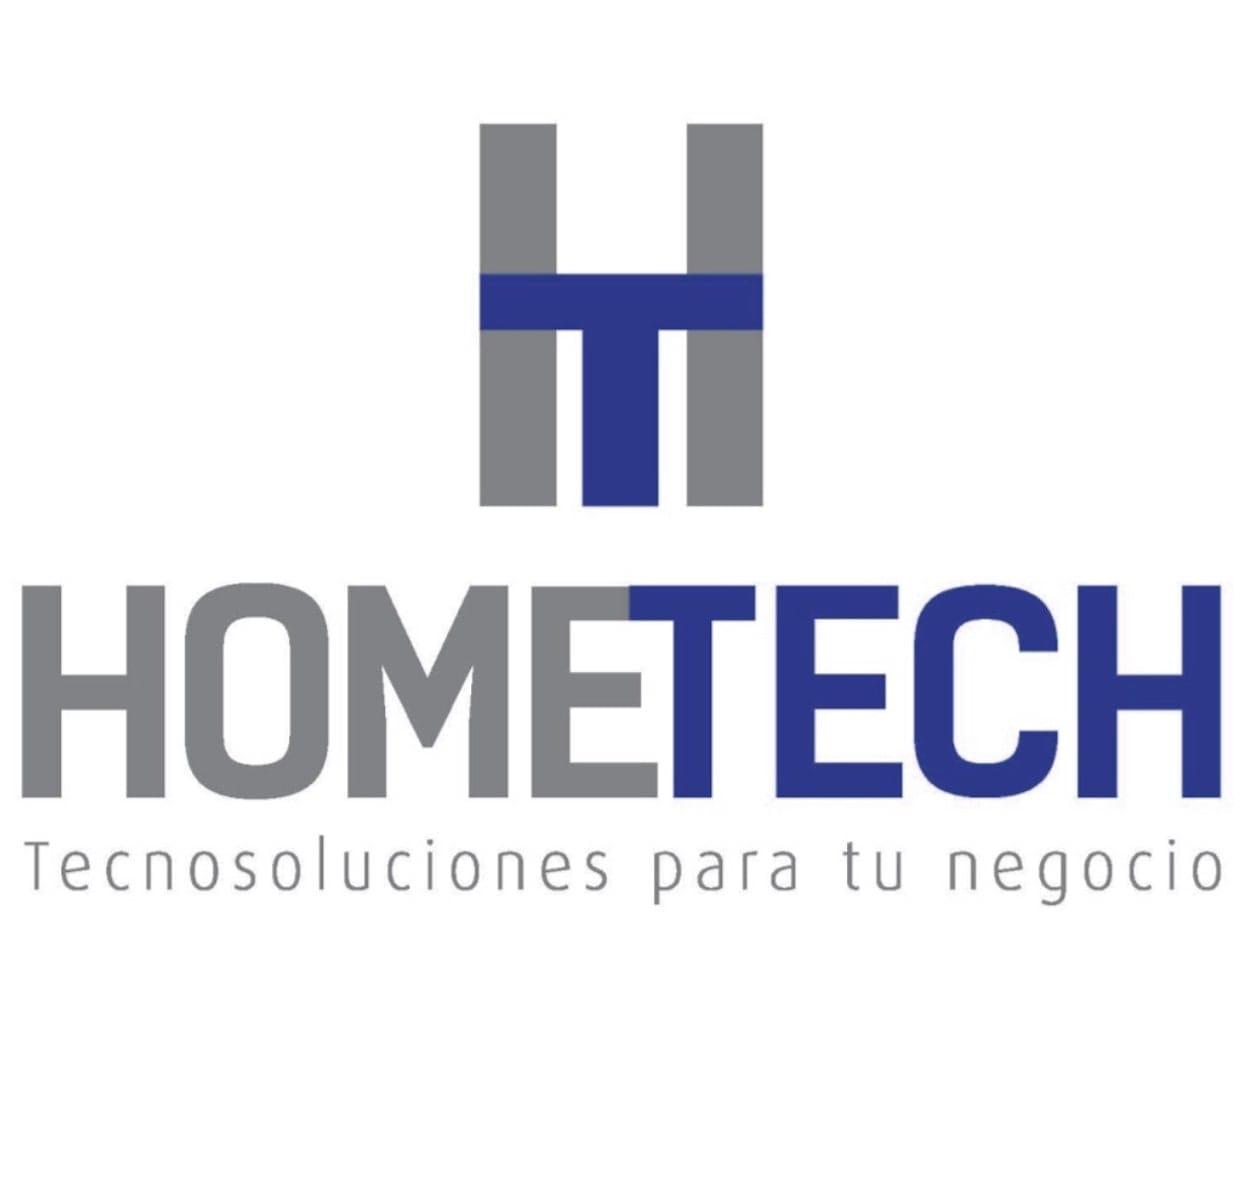 Hometechmzo